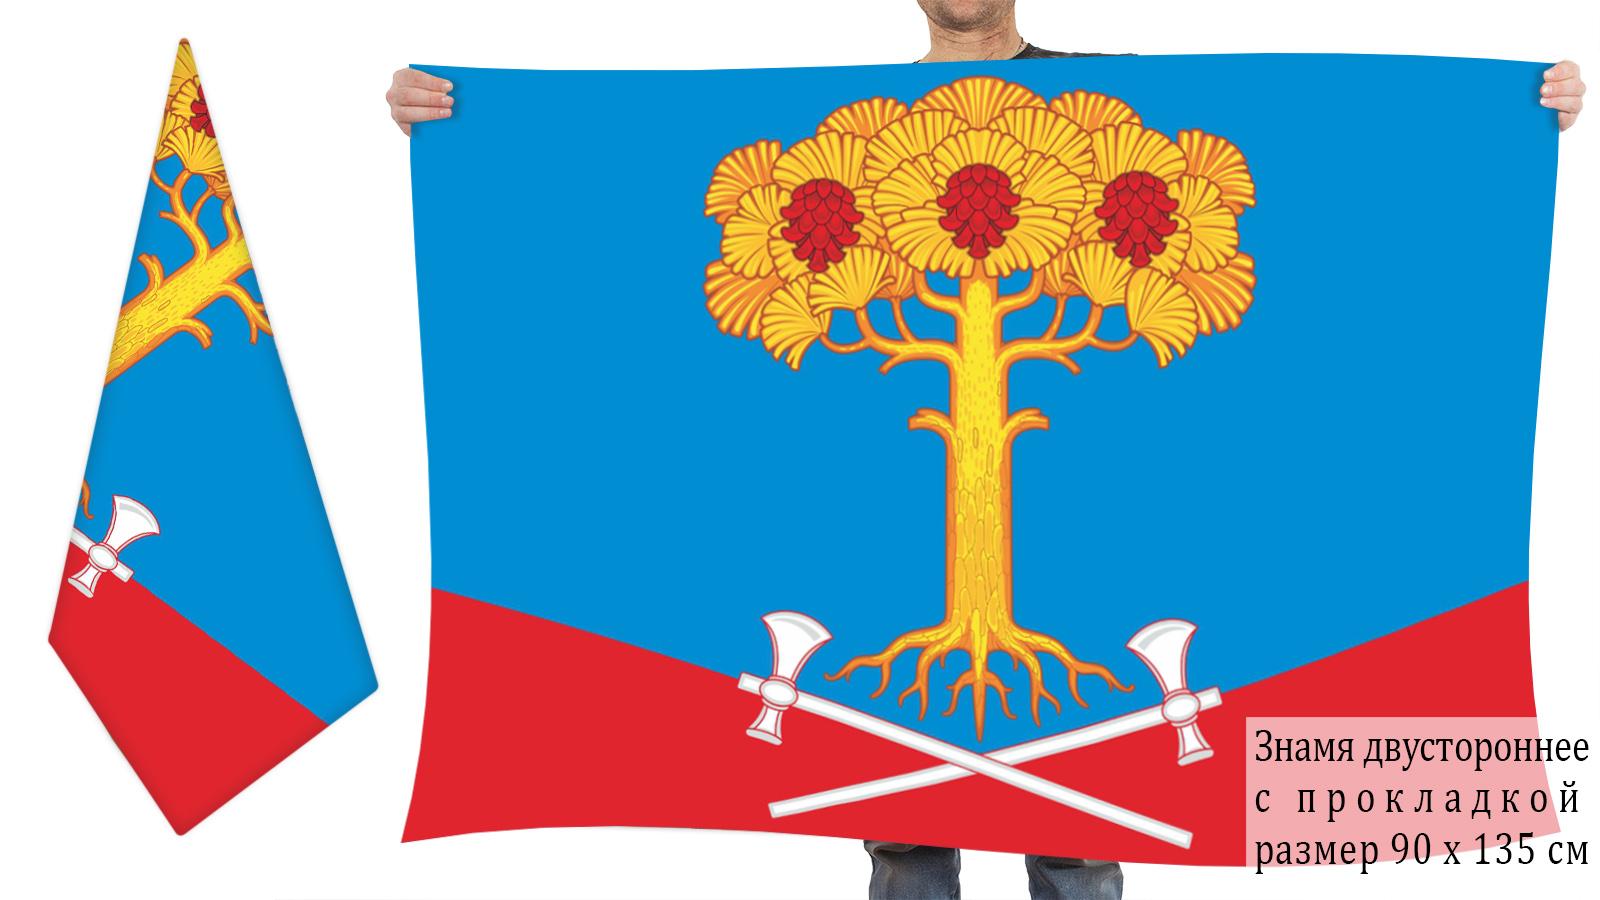 Двусторонний флаг Сосновского сельского поселения